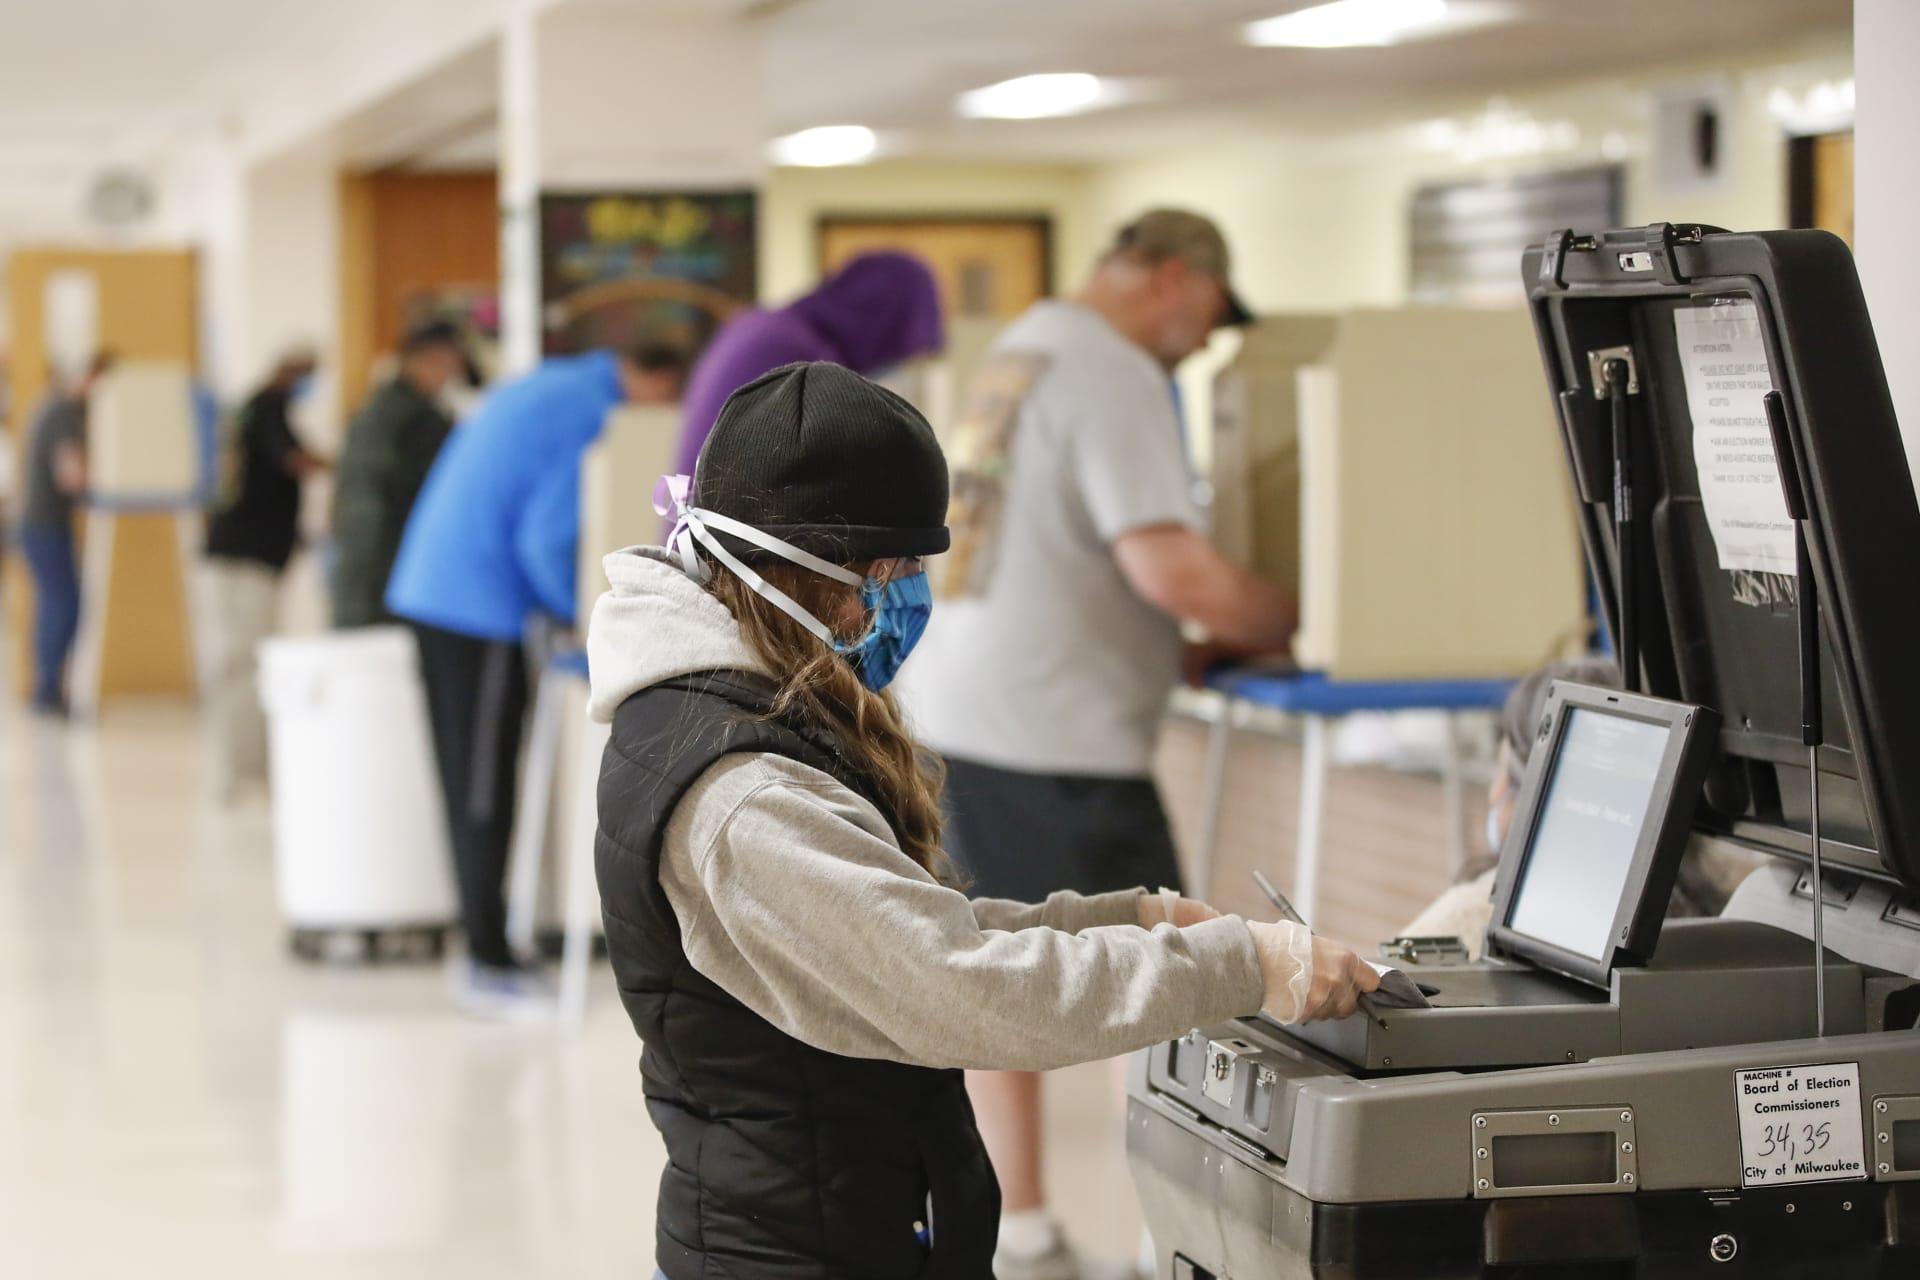 5 خطوات آمنة للتصويت في الانتخابات إذا كنت مصاباً بفيروس كورونا